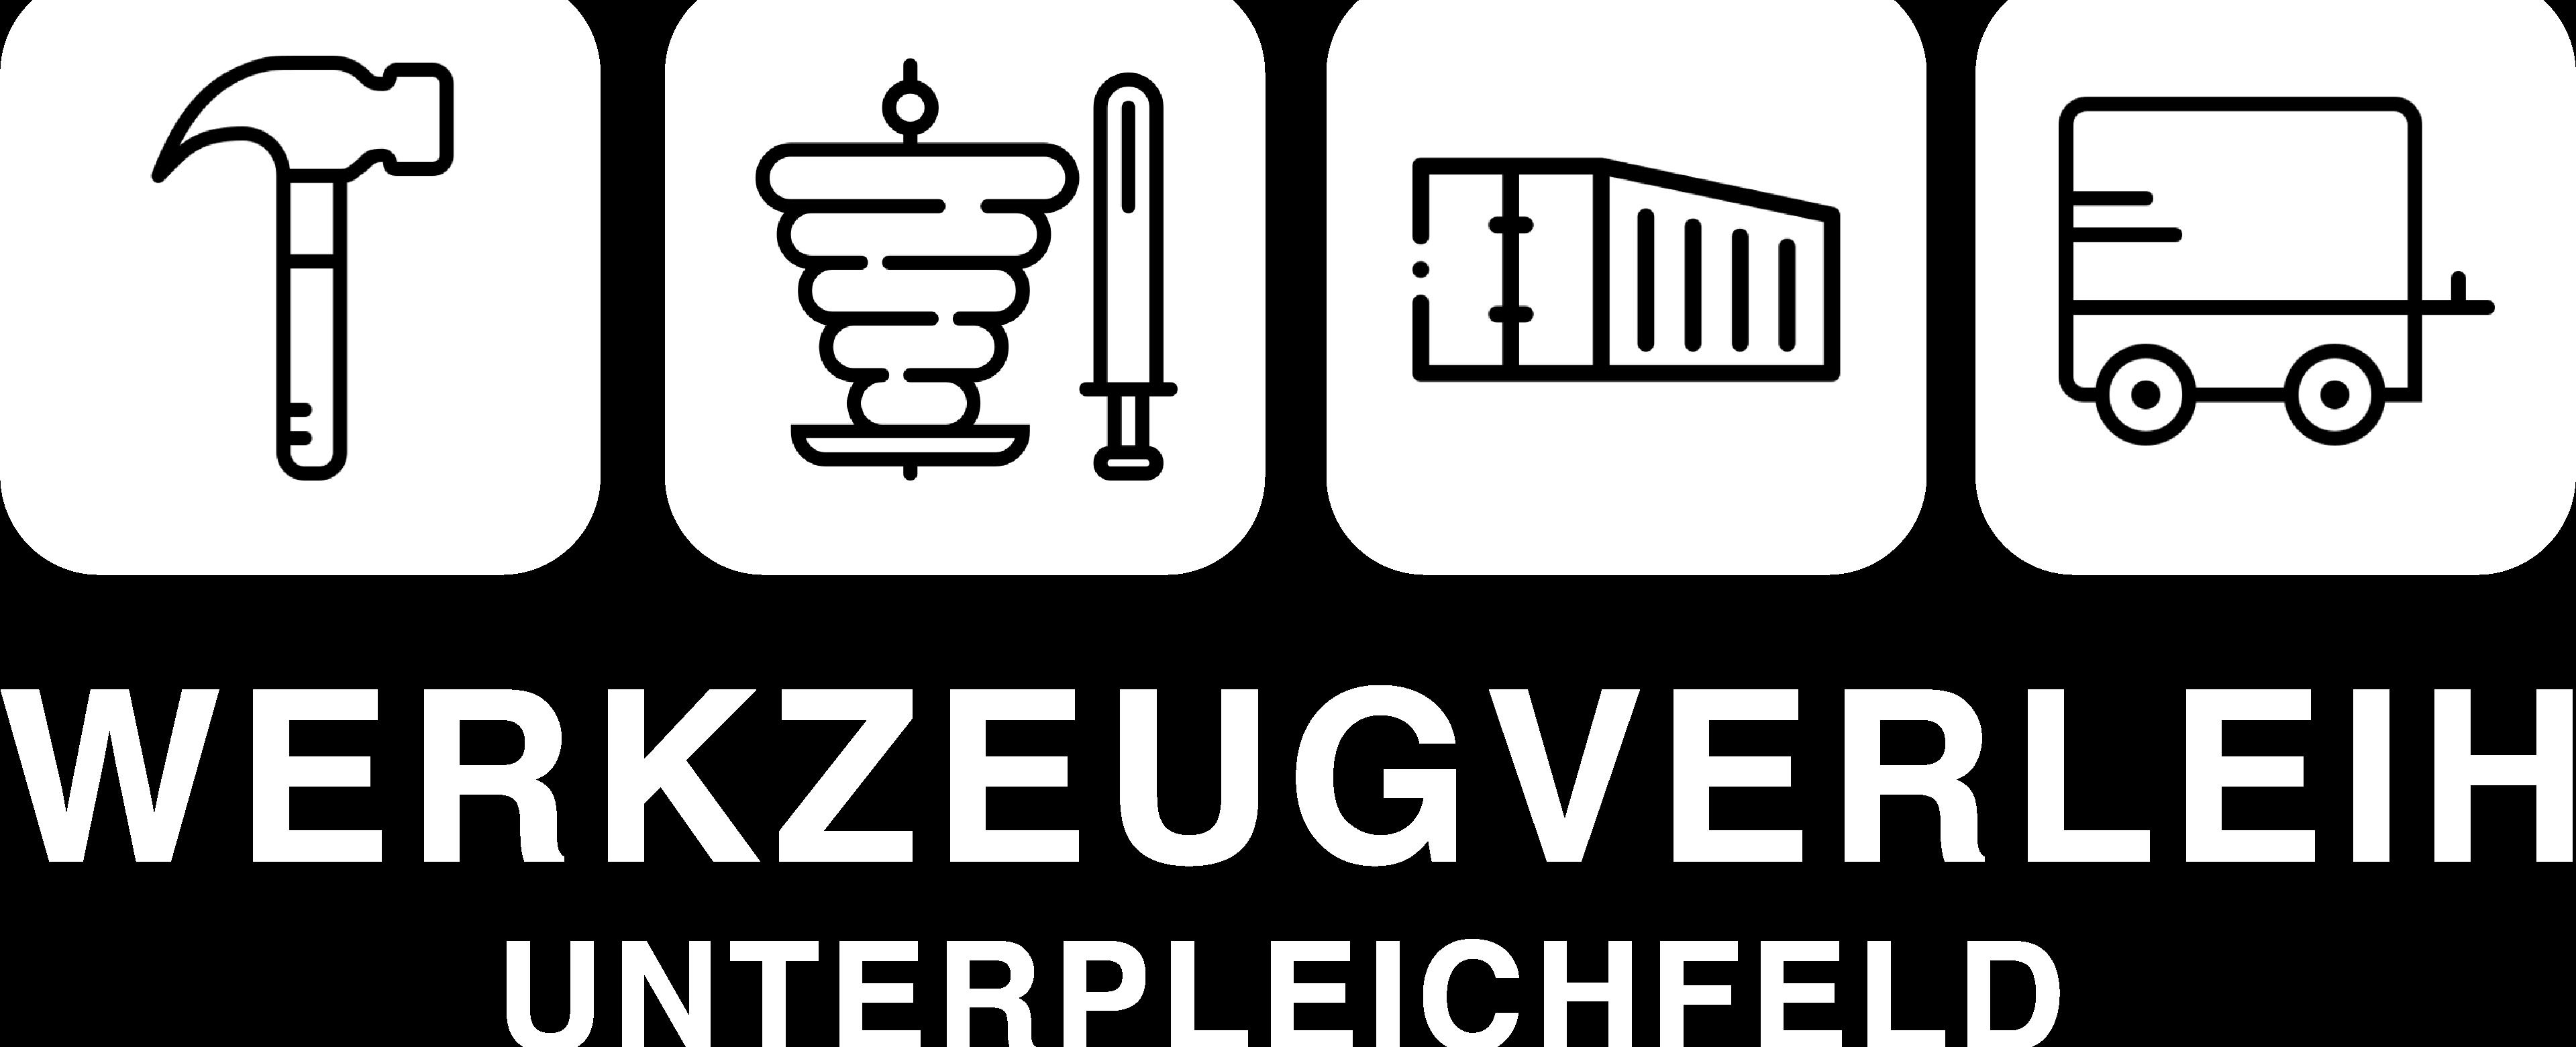 Werkzeugverleih Unterpleichfeld UG (haftungsbeschränkt)